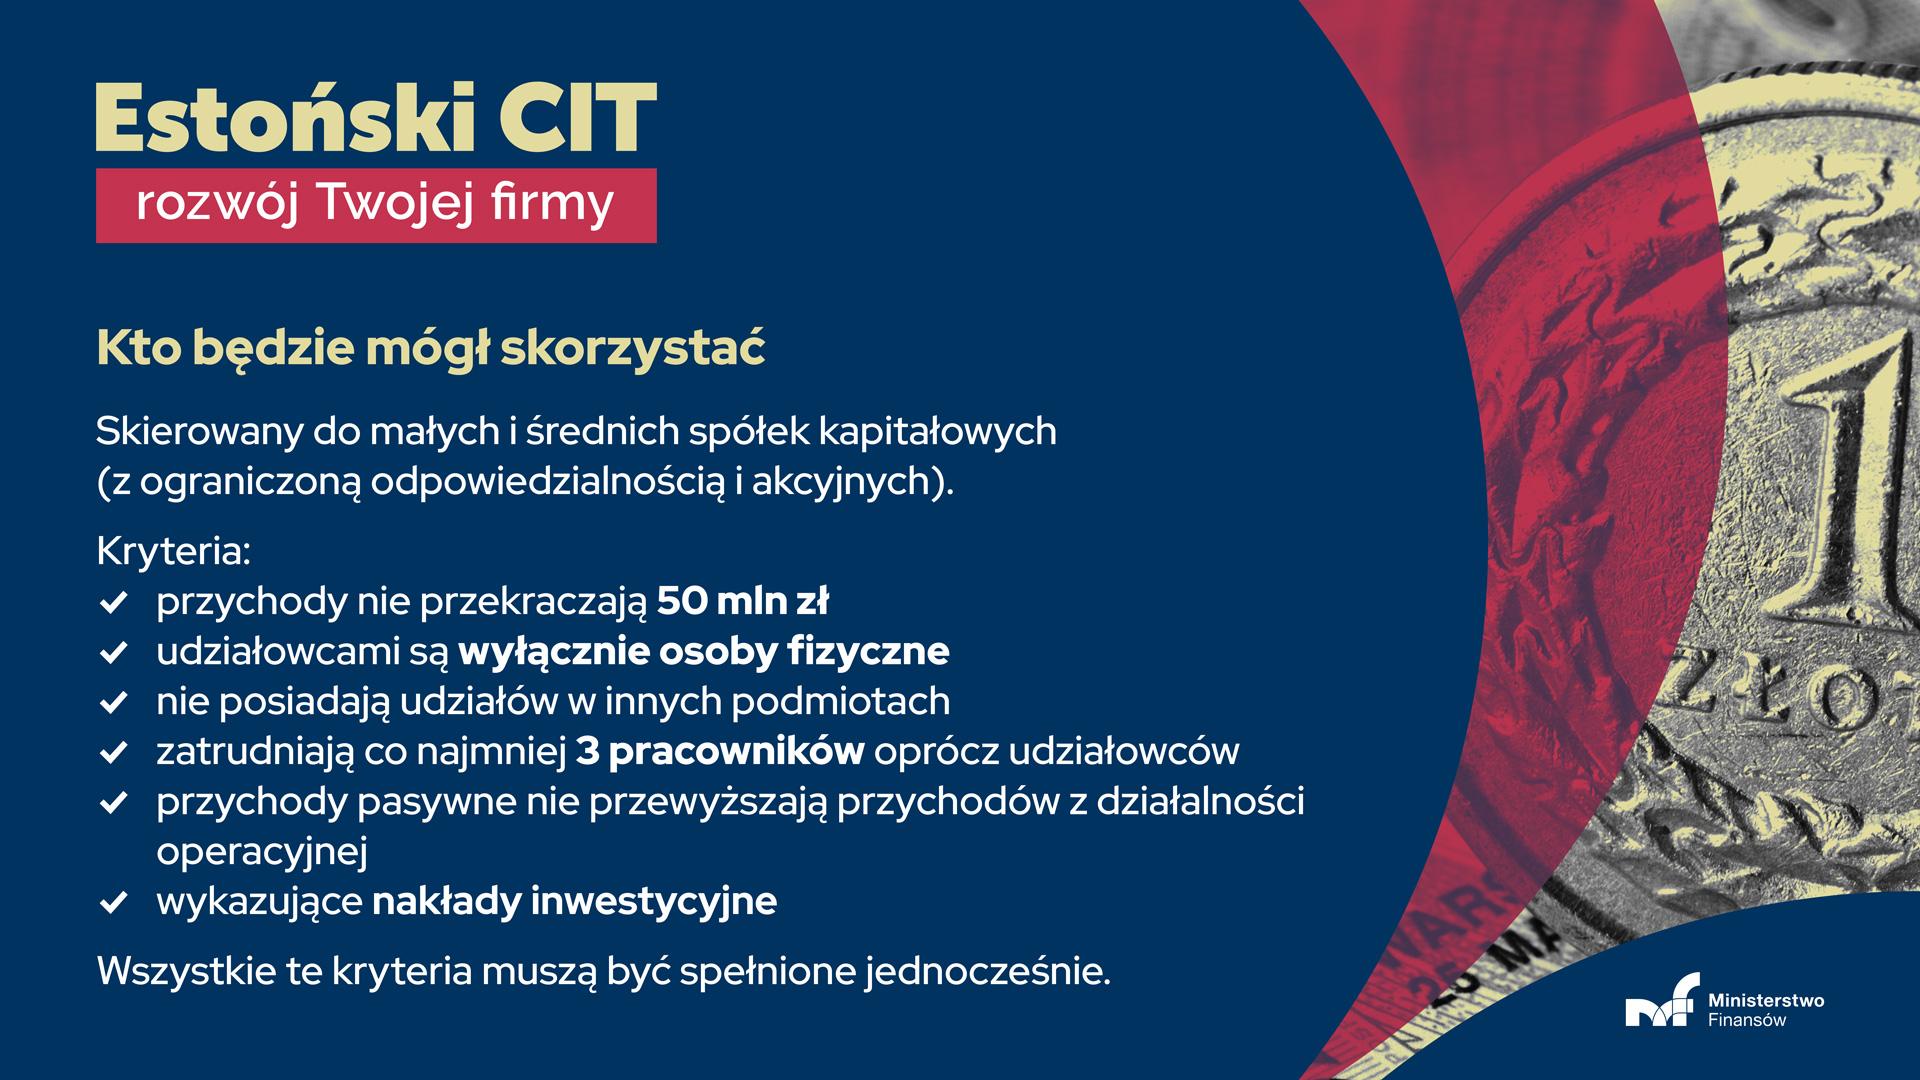 Informacja kto będzie mógł skorzystać z estońskiego CIT